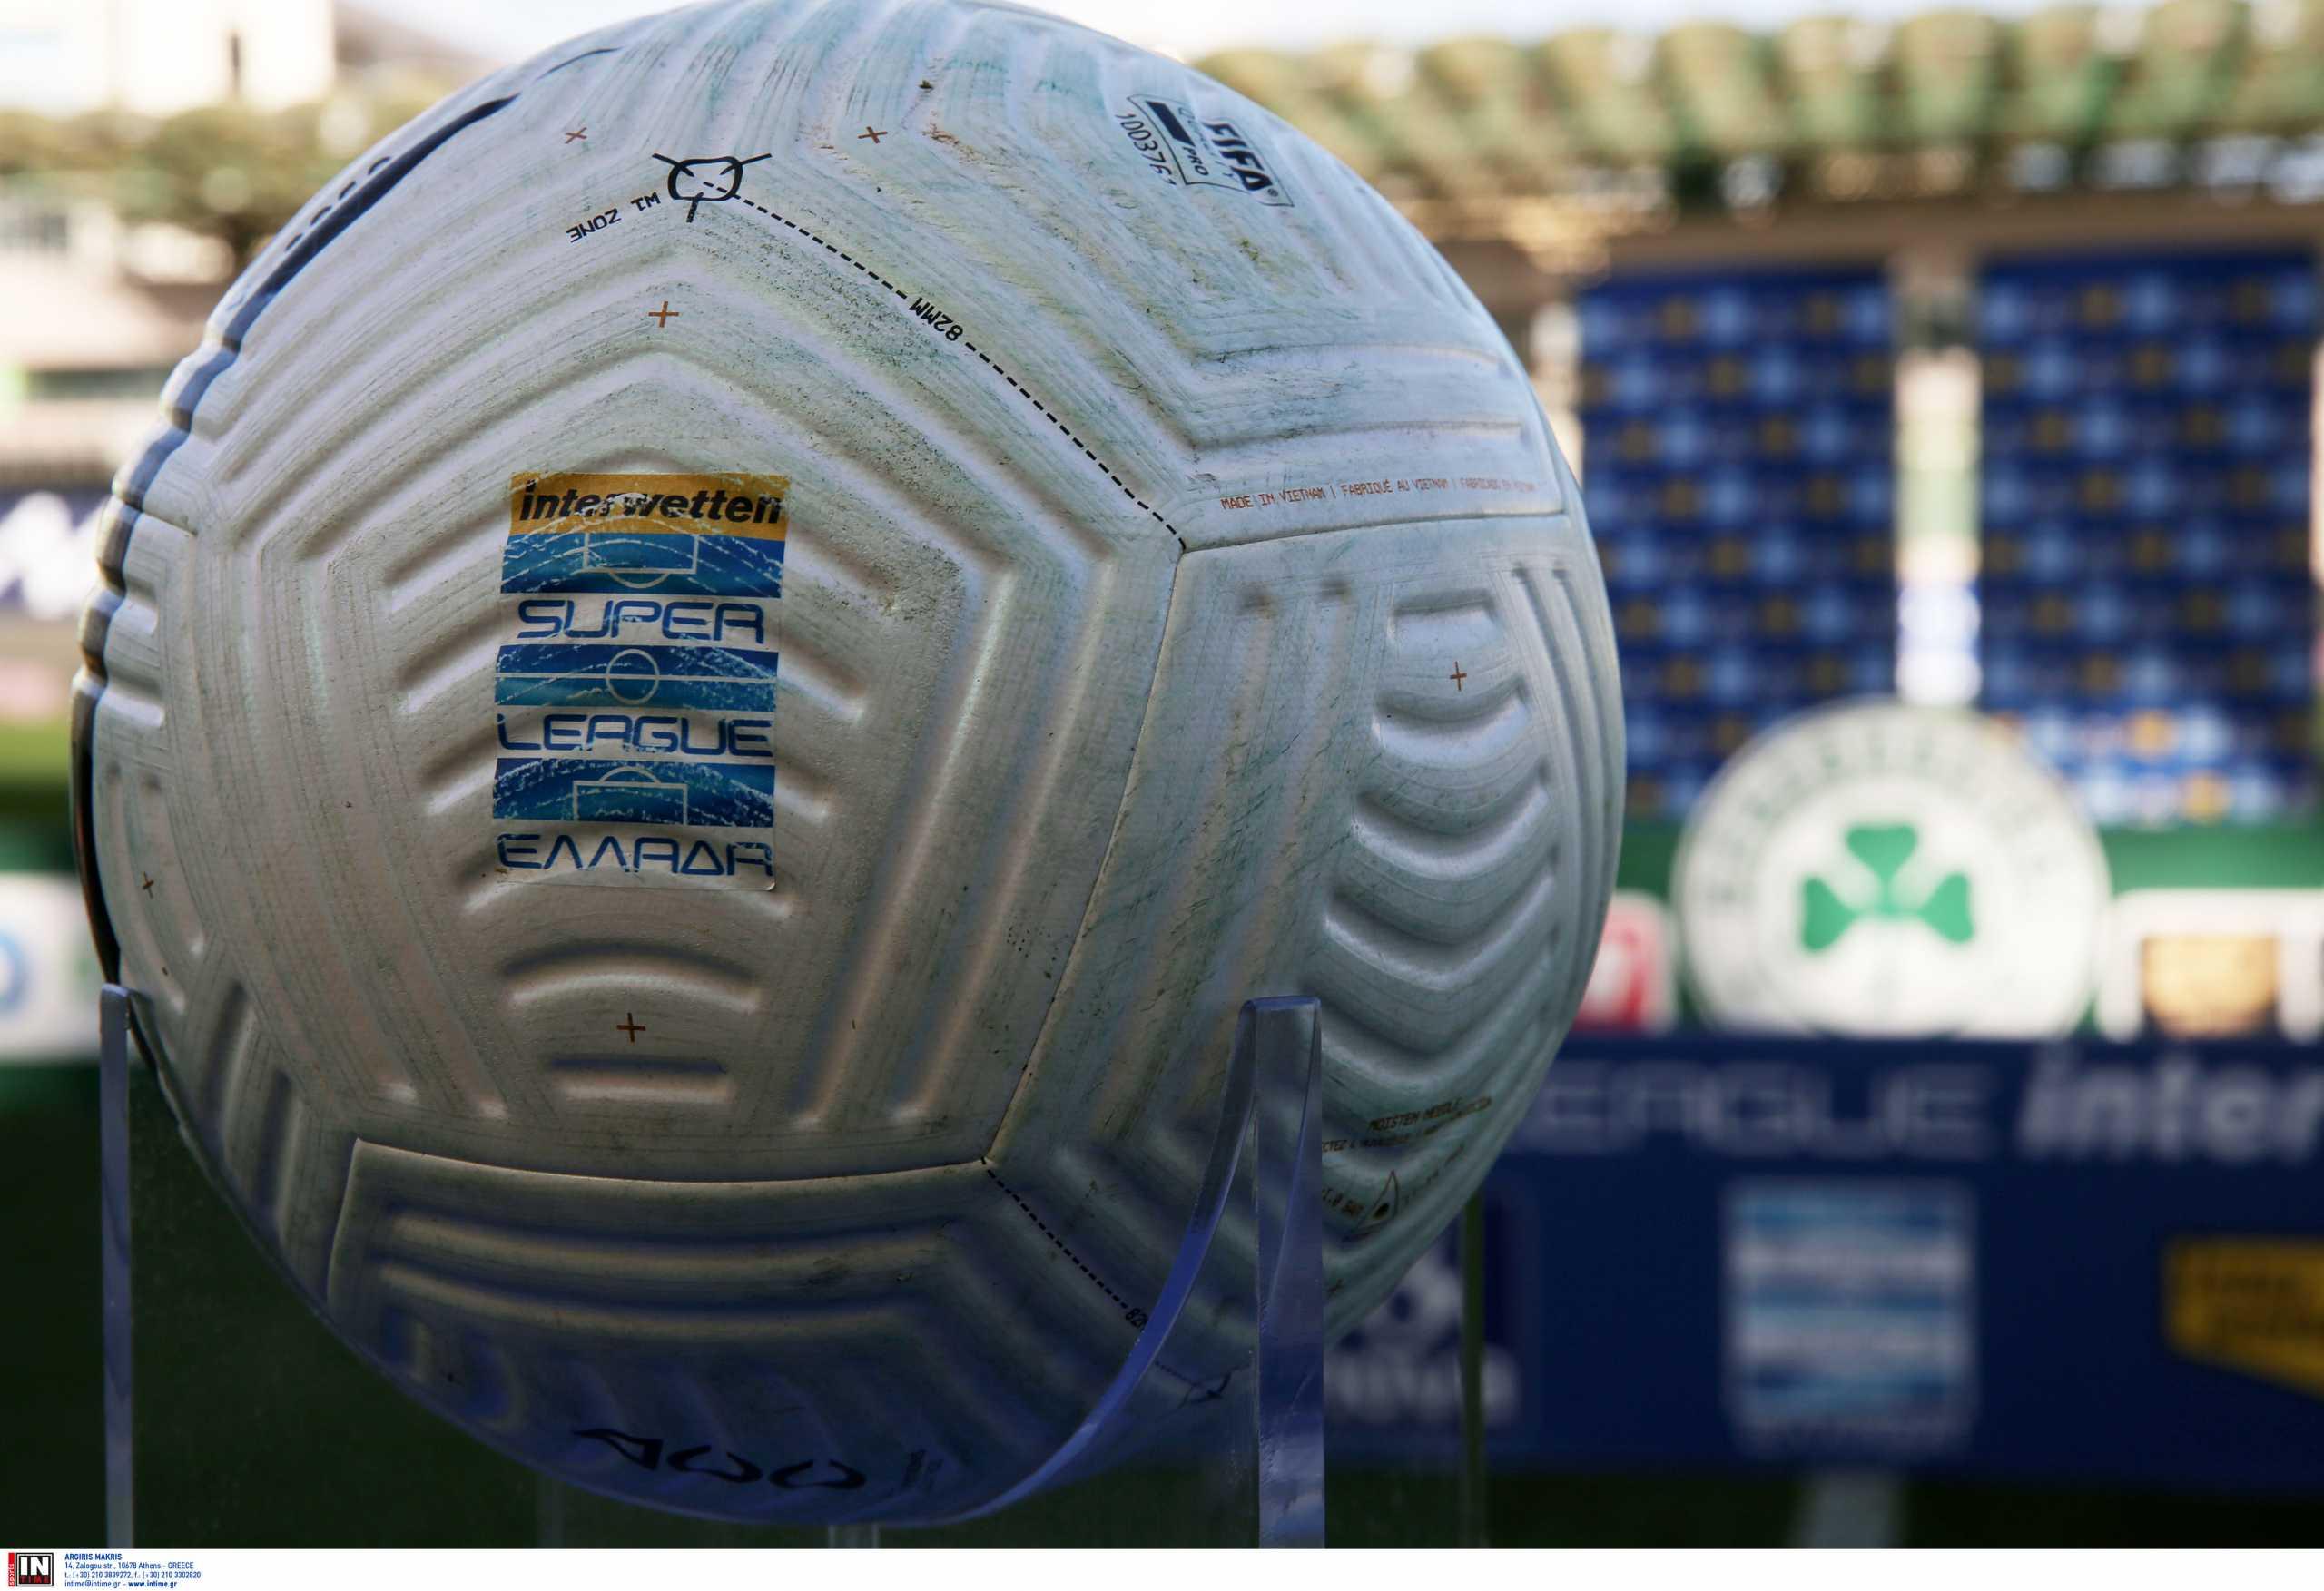 Πρόγραμμα Superleague: Ντέρμπι στη Θεσσαλονίκη, δύσκολες δοκιμασίες για τους πρωτοπόρους